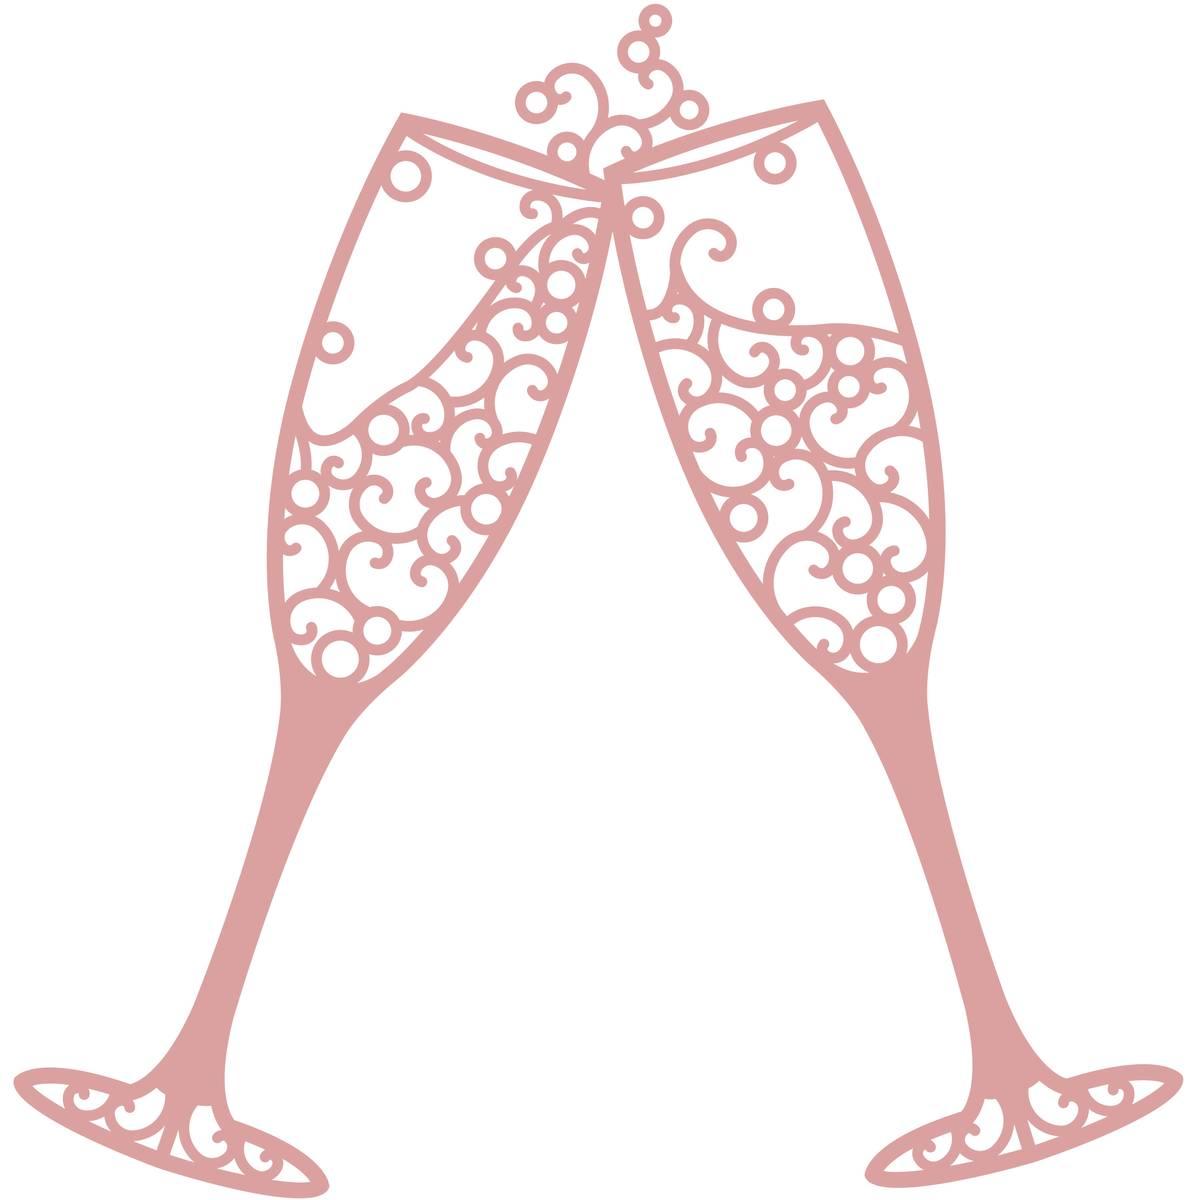 Champaign clipart prosecco. Intricut champagne glasses die